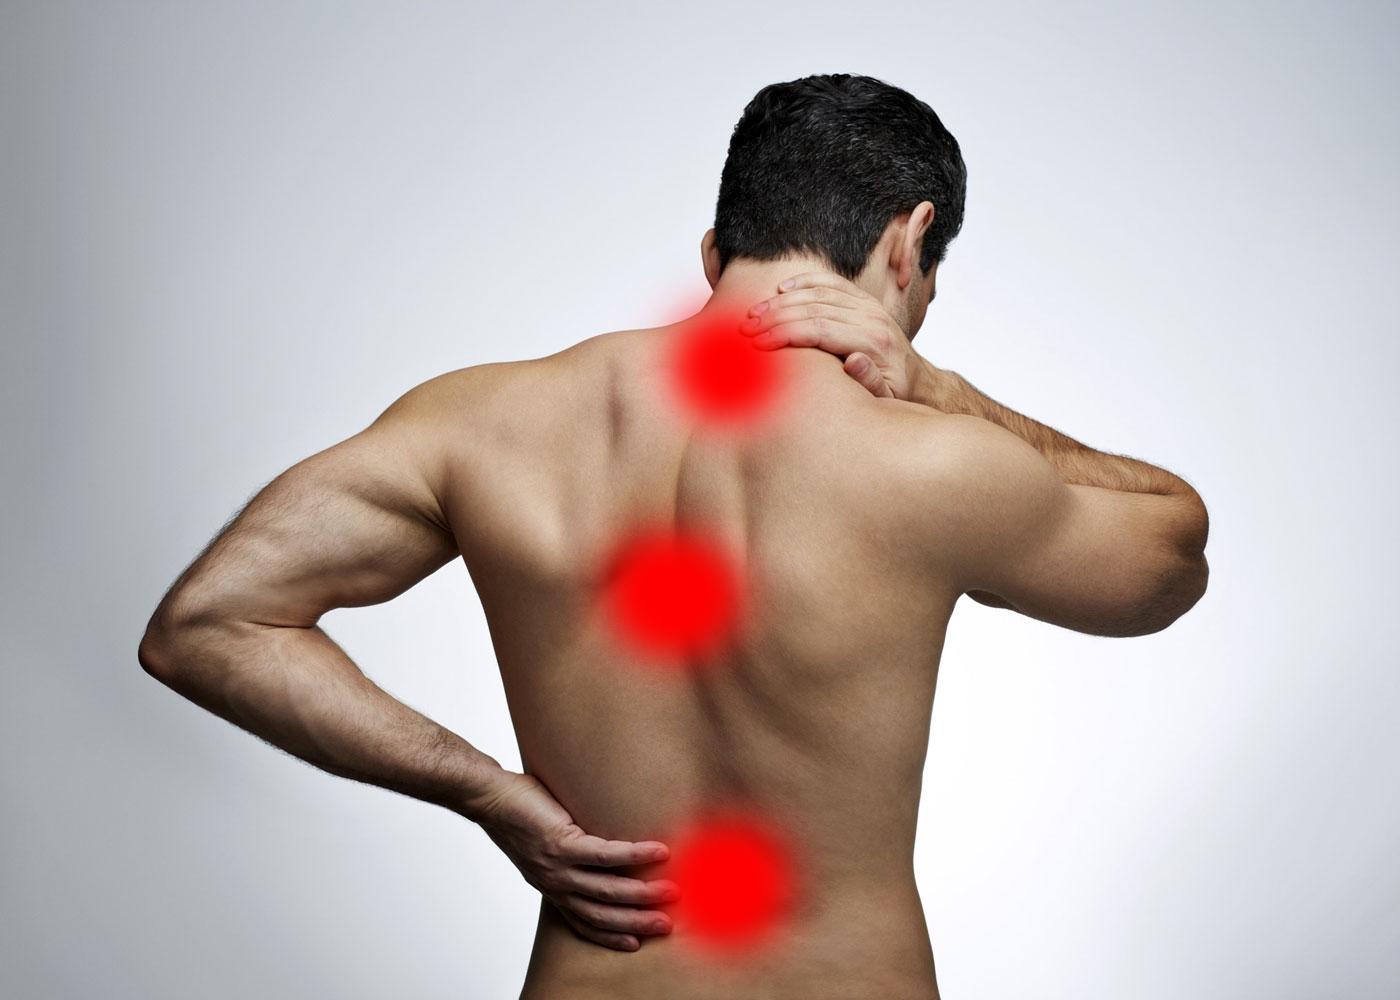 К какому врачу обращаться с подозрением на остеохондроз